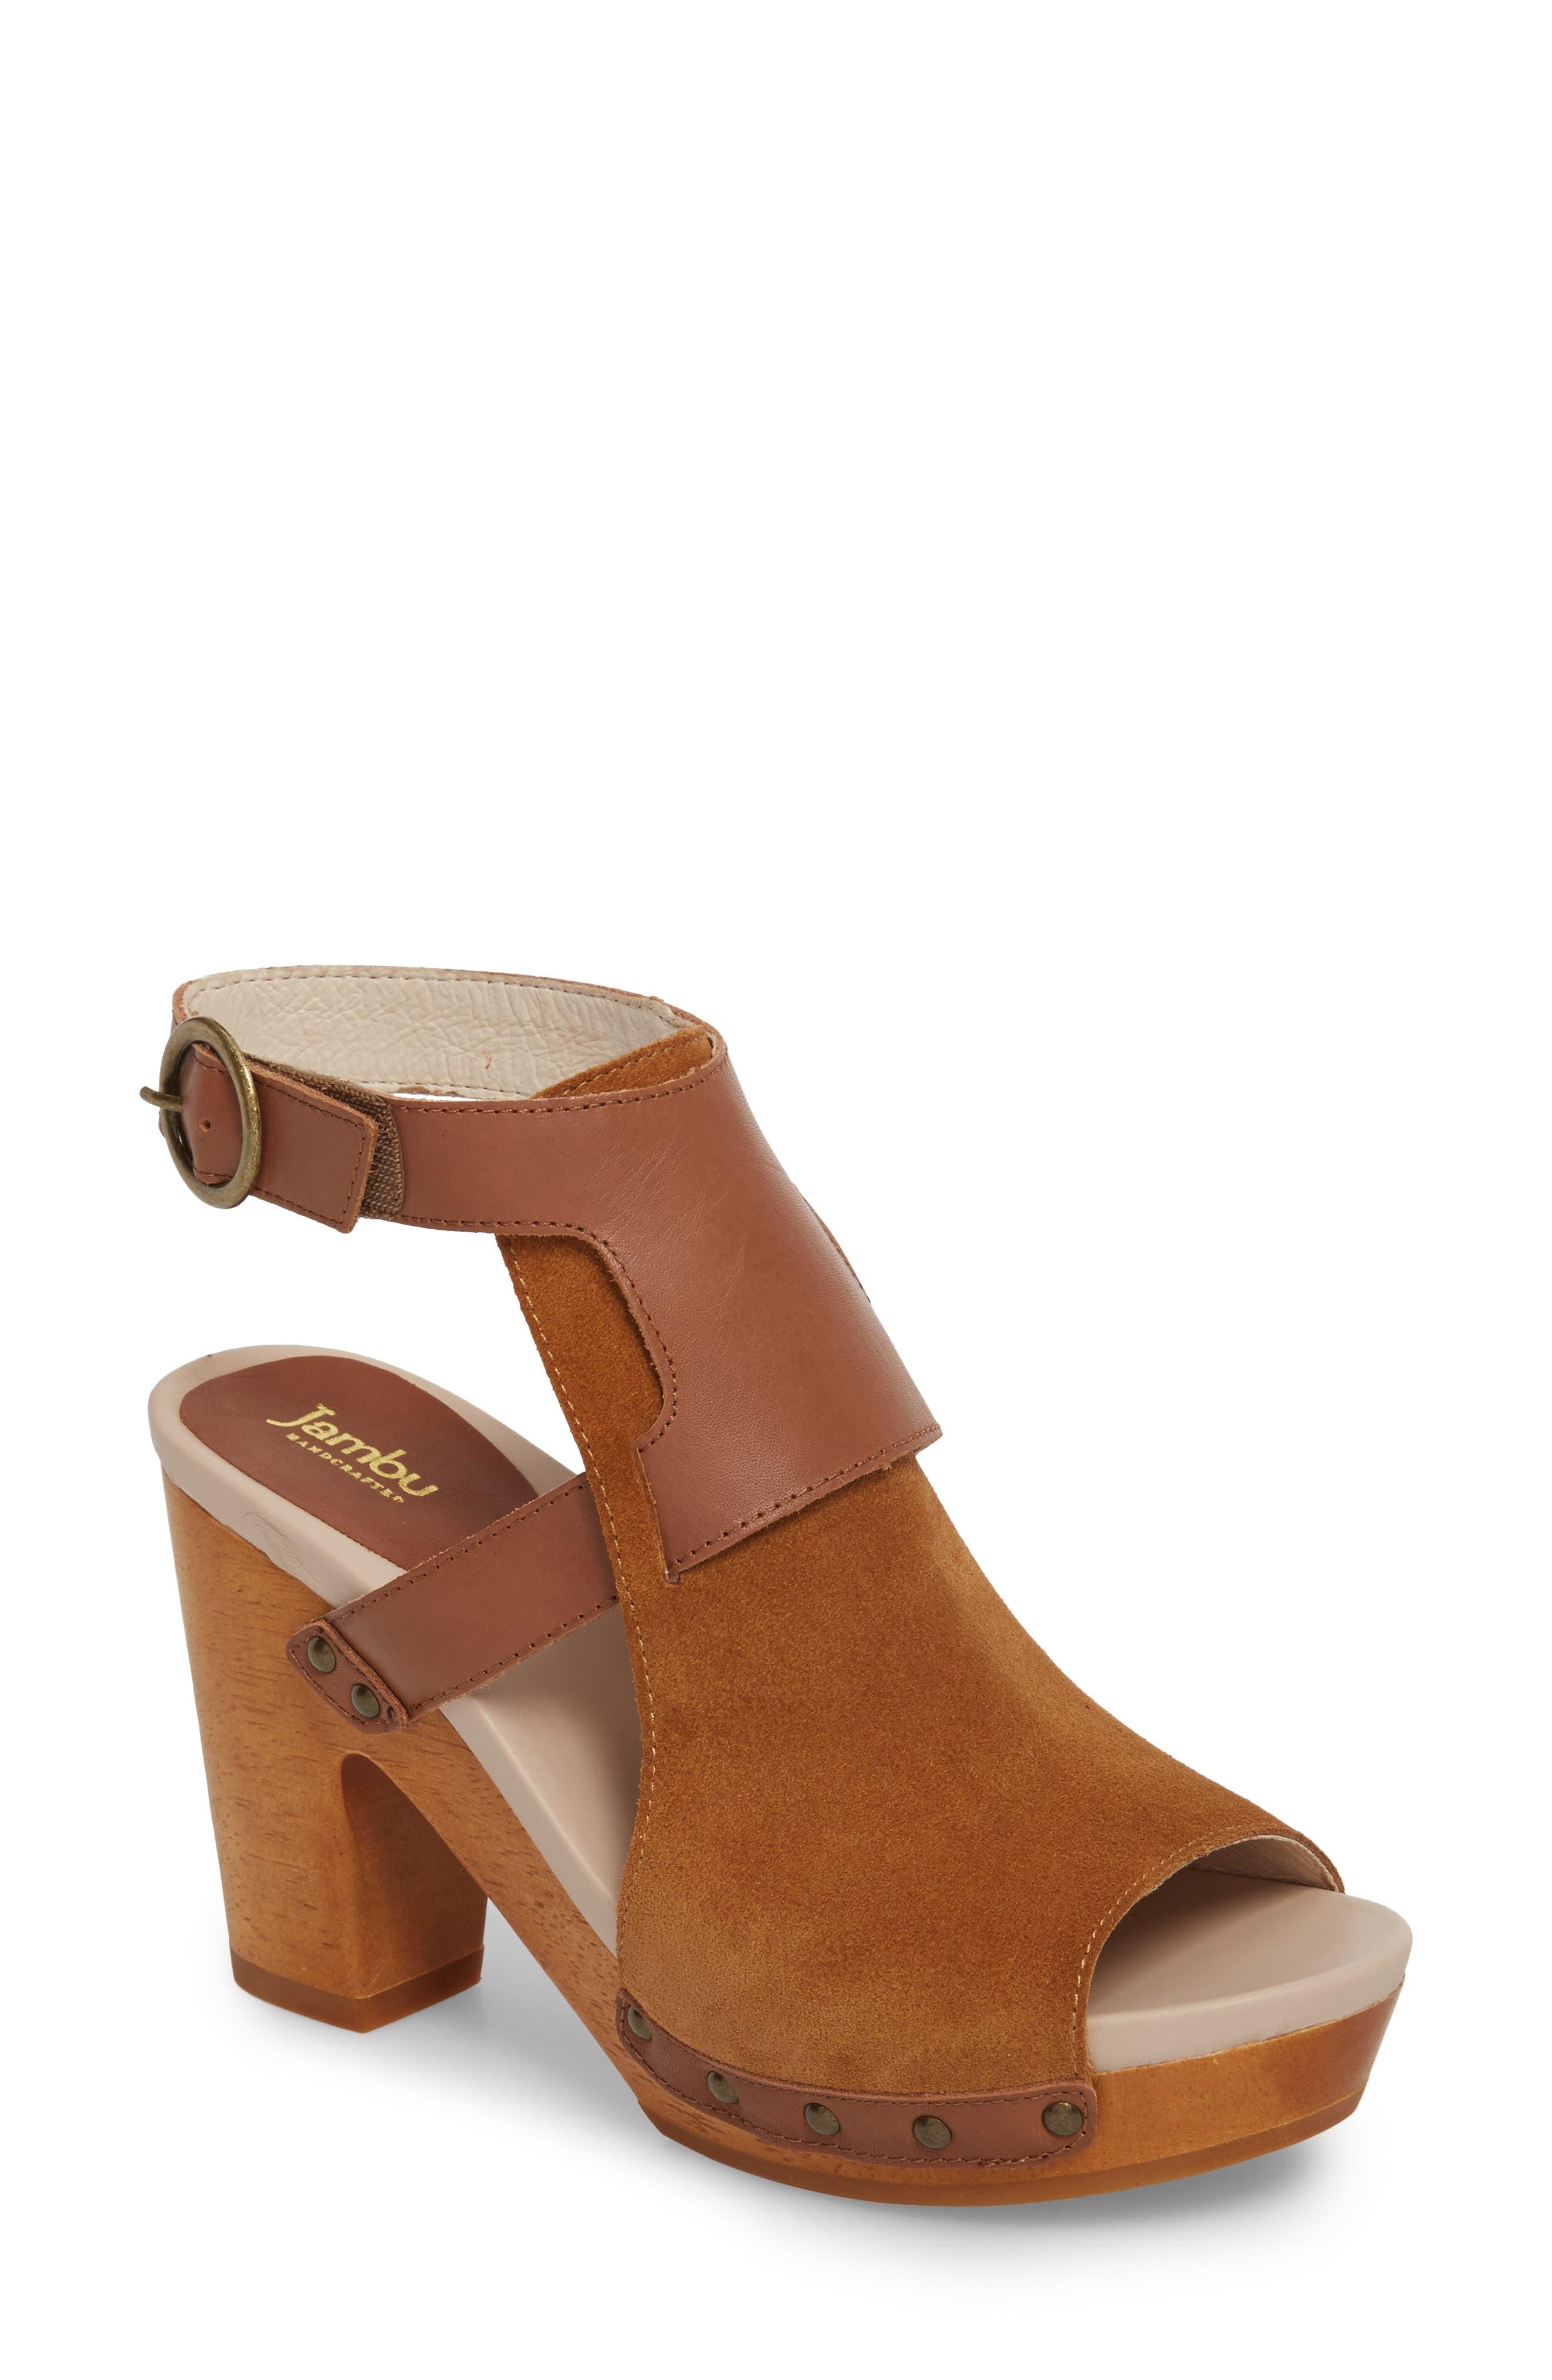 Jambu Gina Platform Sandal- Brown